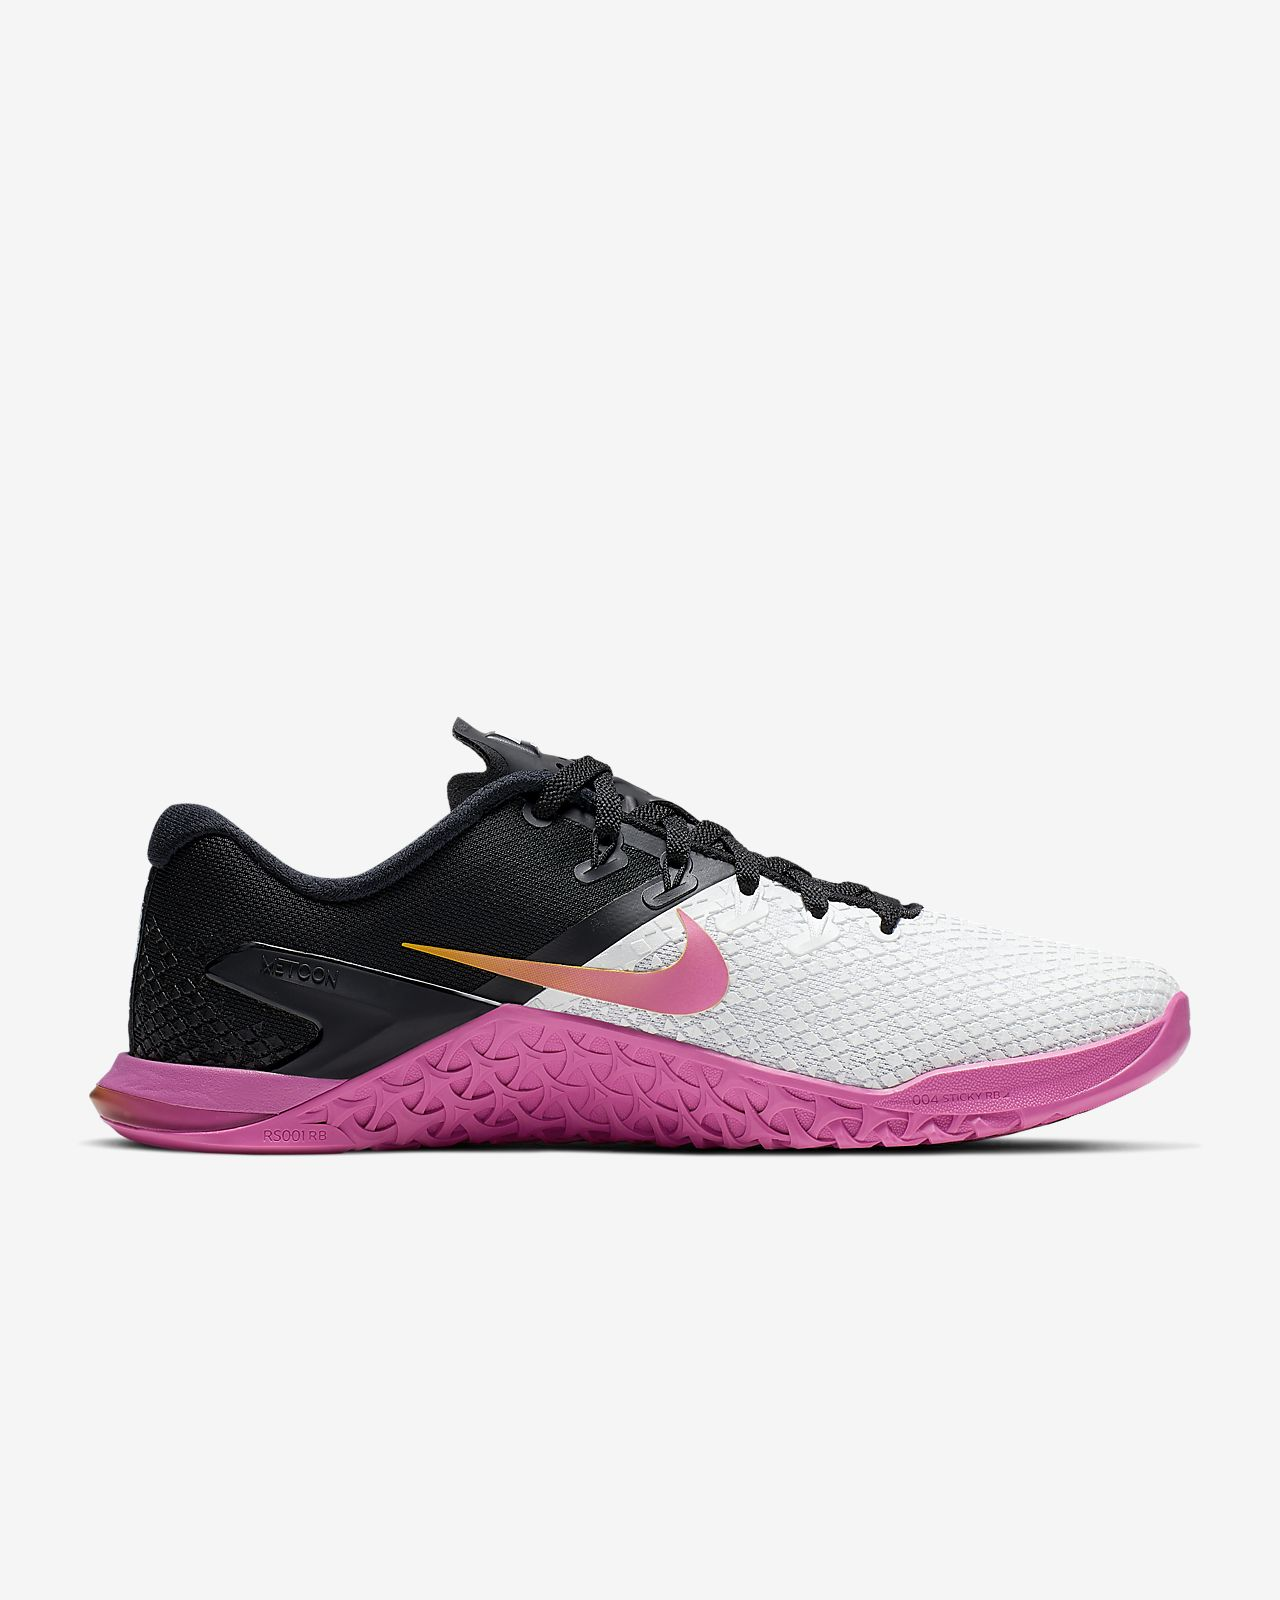 64617ba5457e3 ... Nike Metcon 4 XD Zapatillas de cross training y levantamiento de pesas  - Mujer